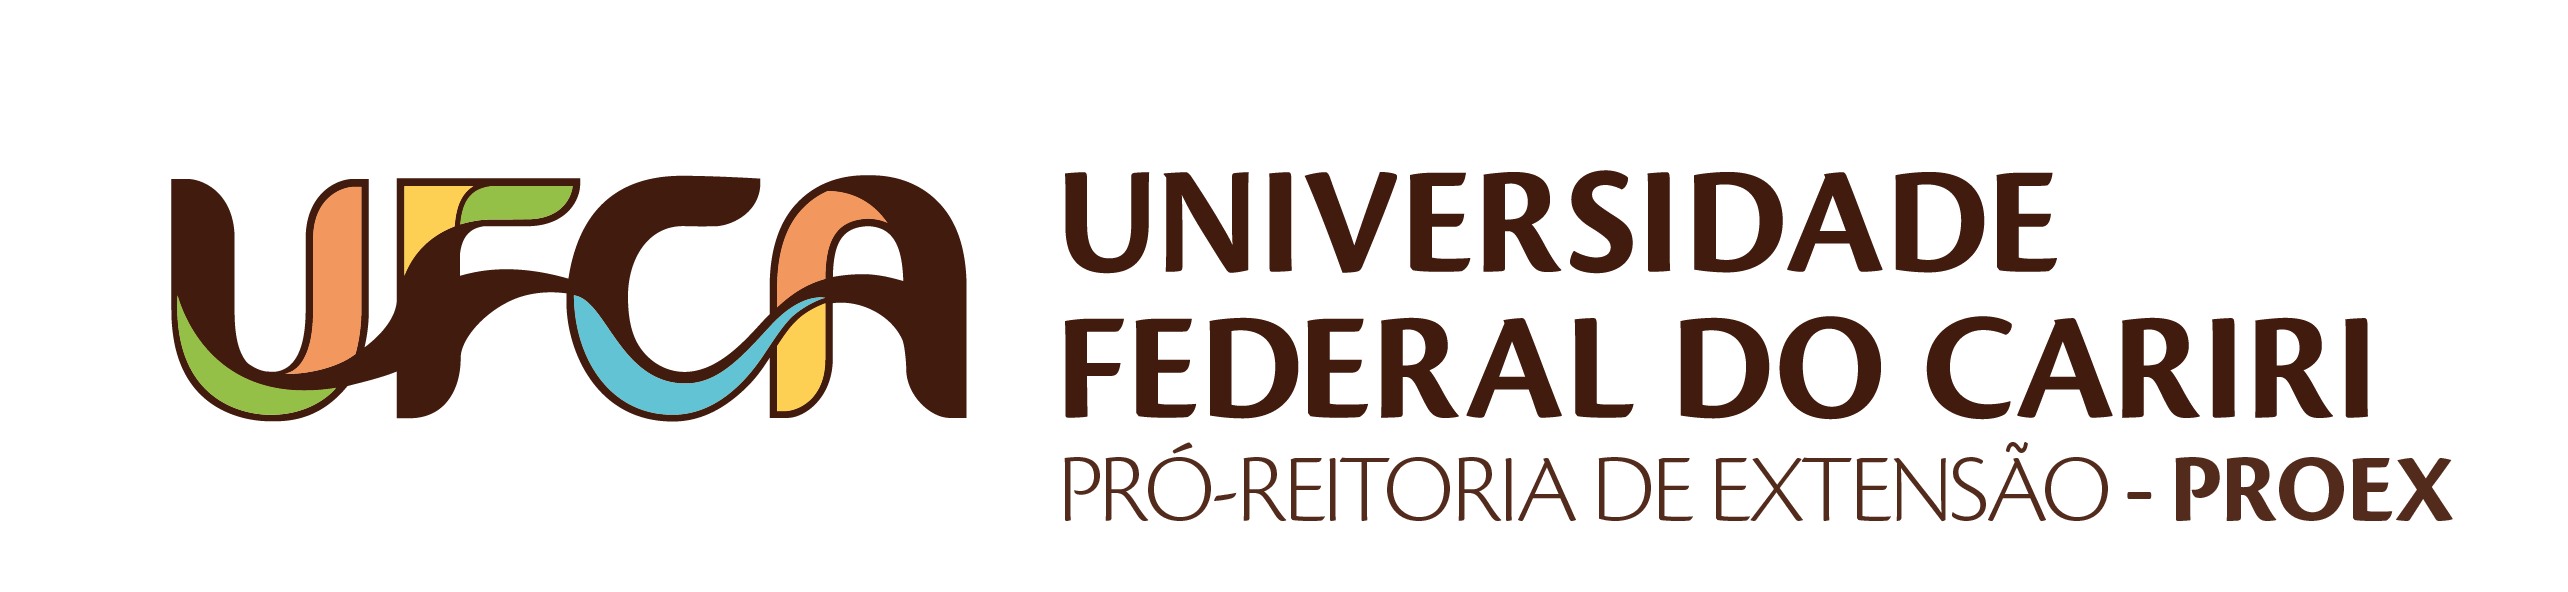 Pró Reitoria de Extensão da UFCA